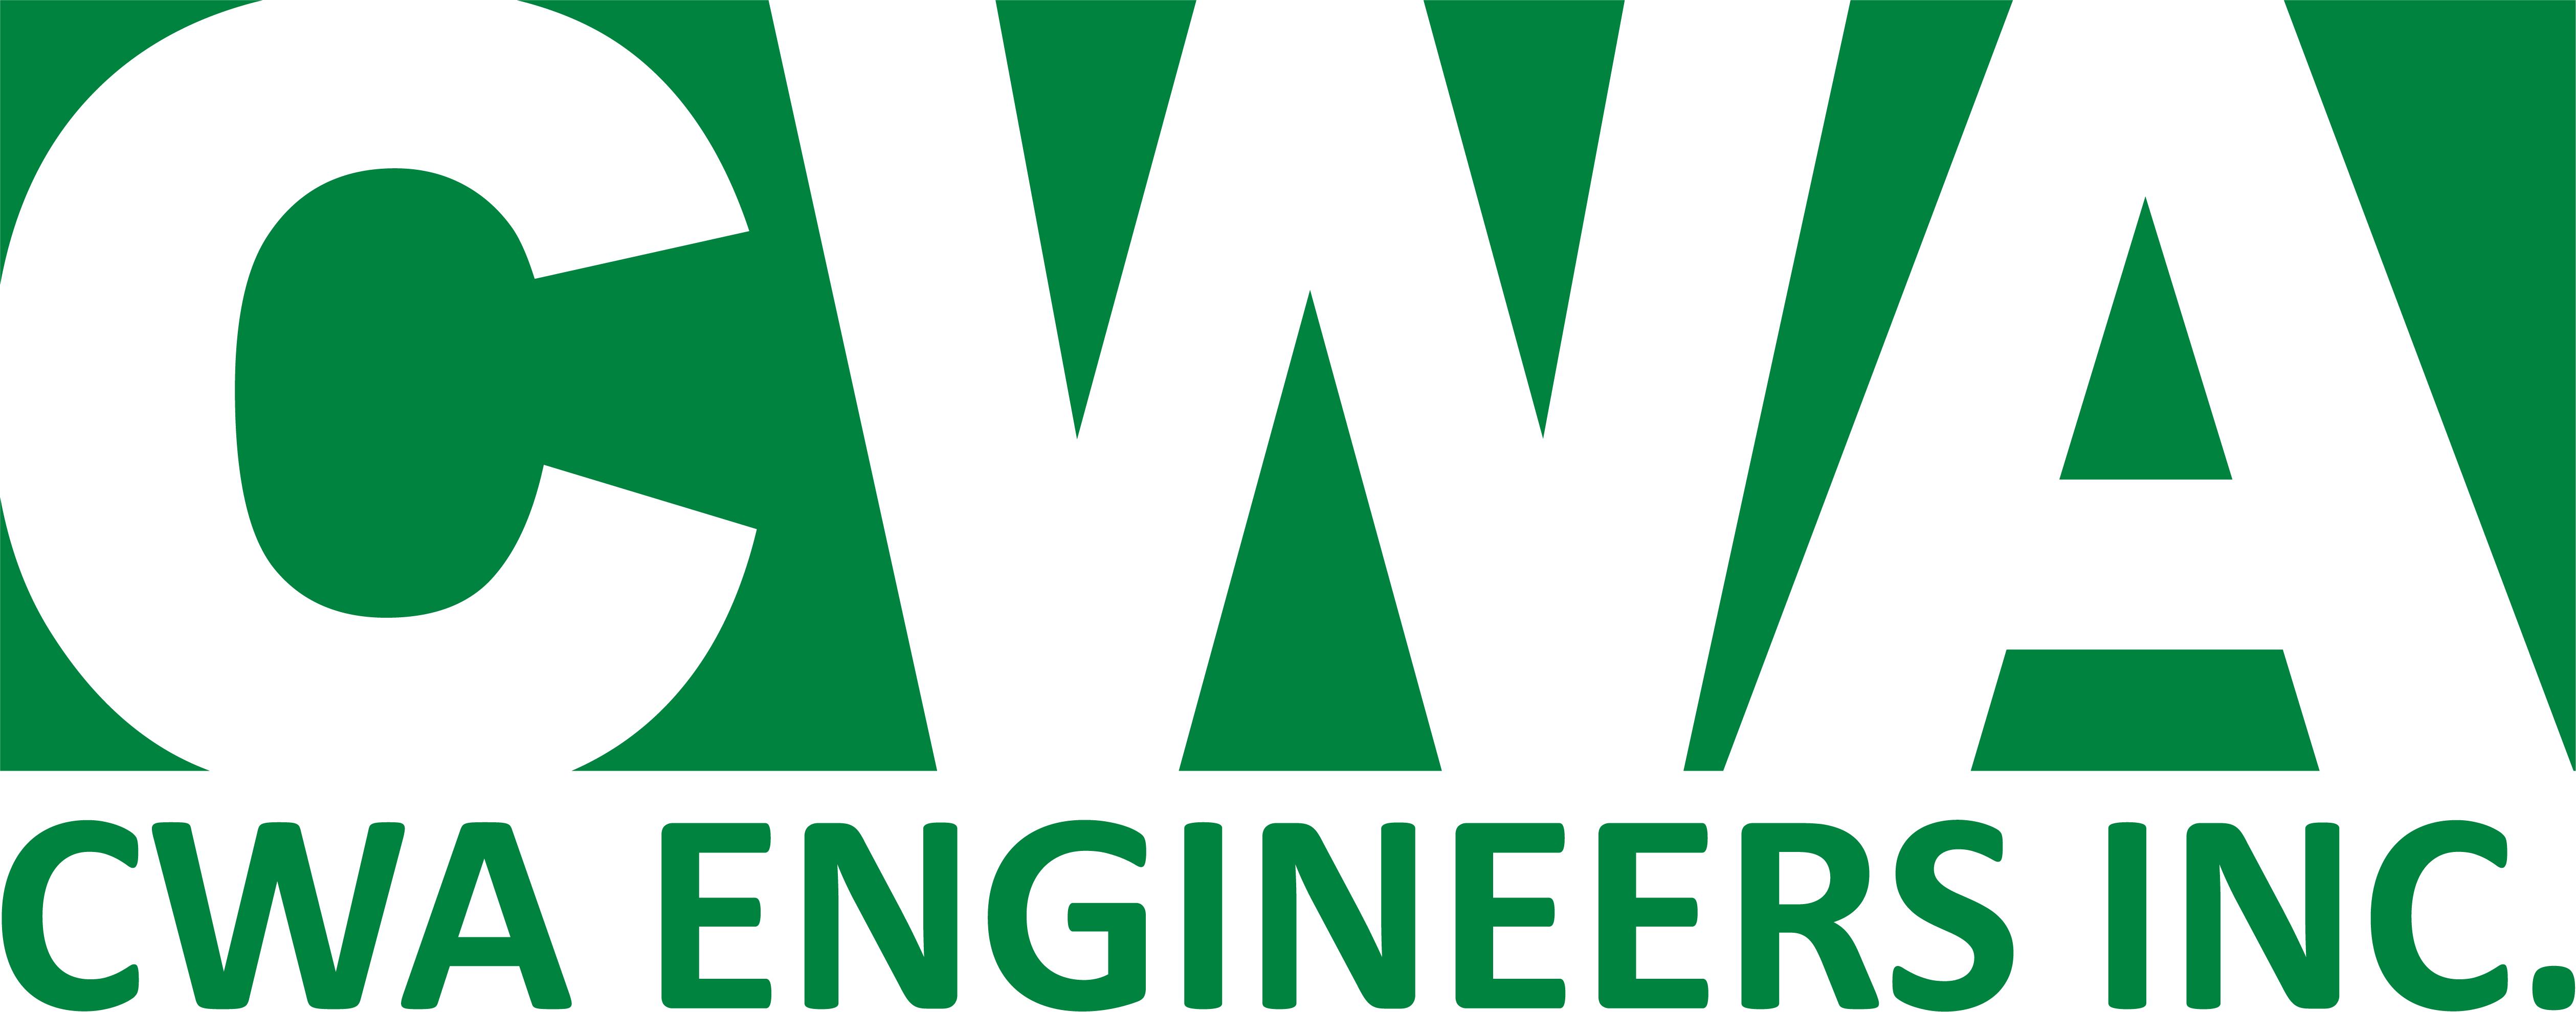 CWA Engineers Inc.